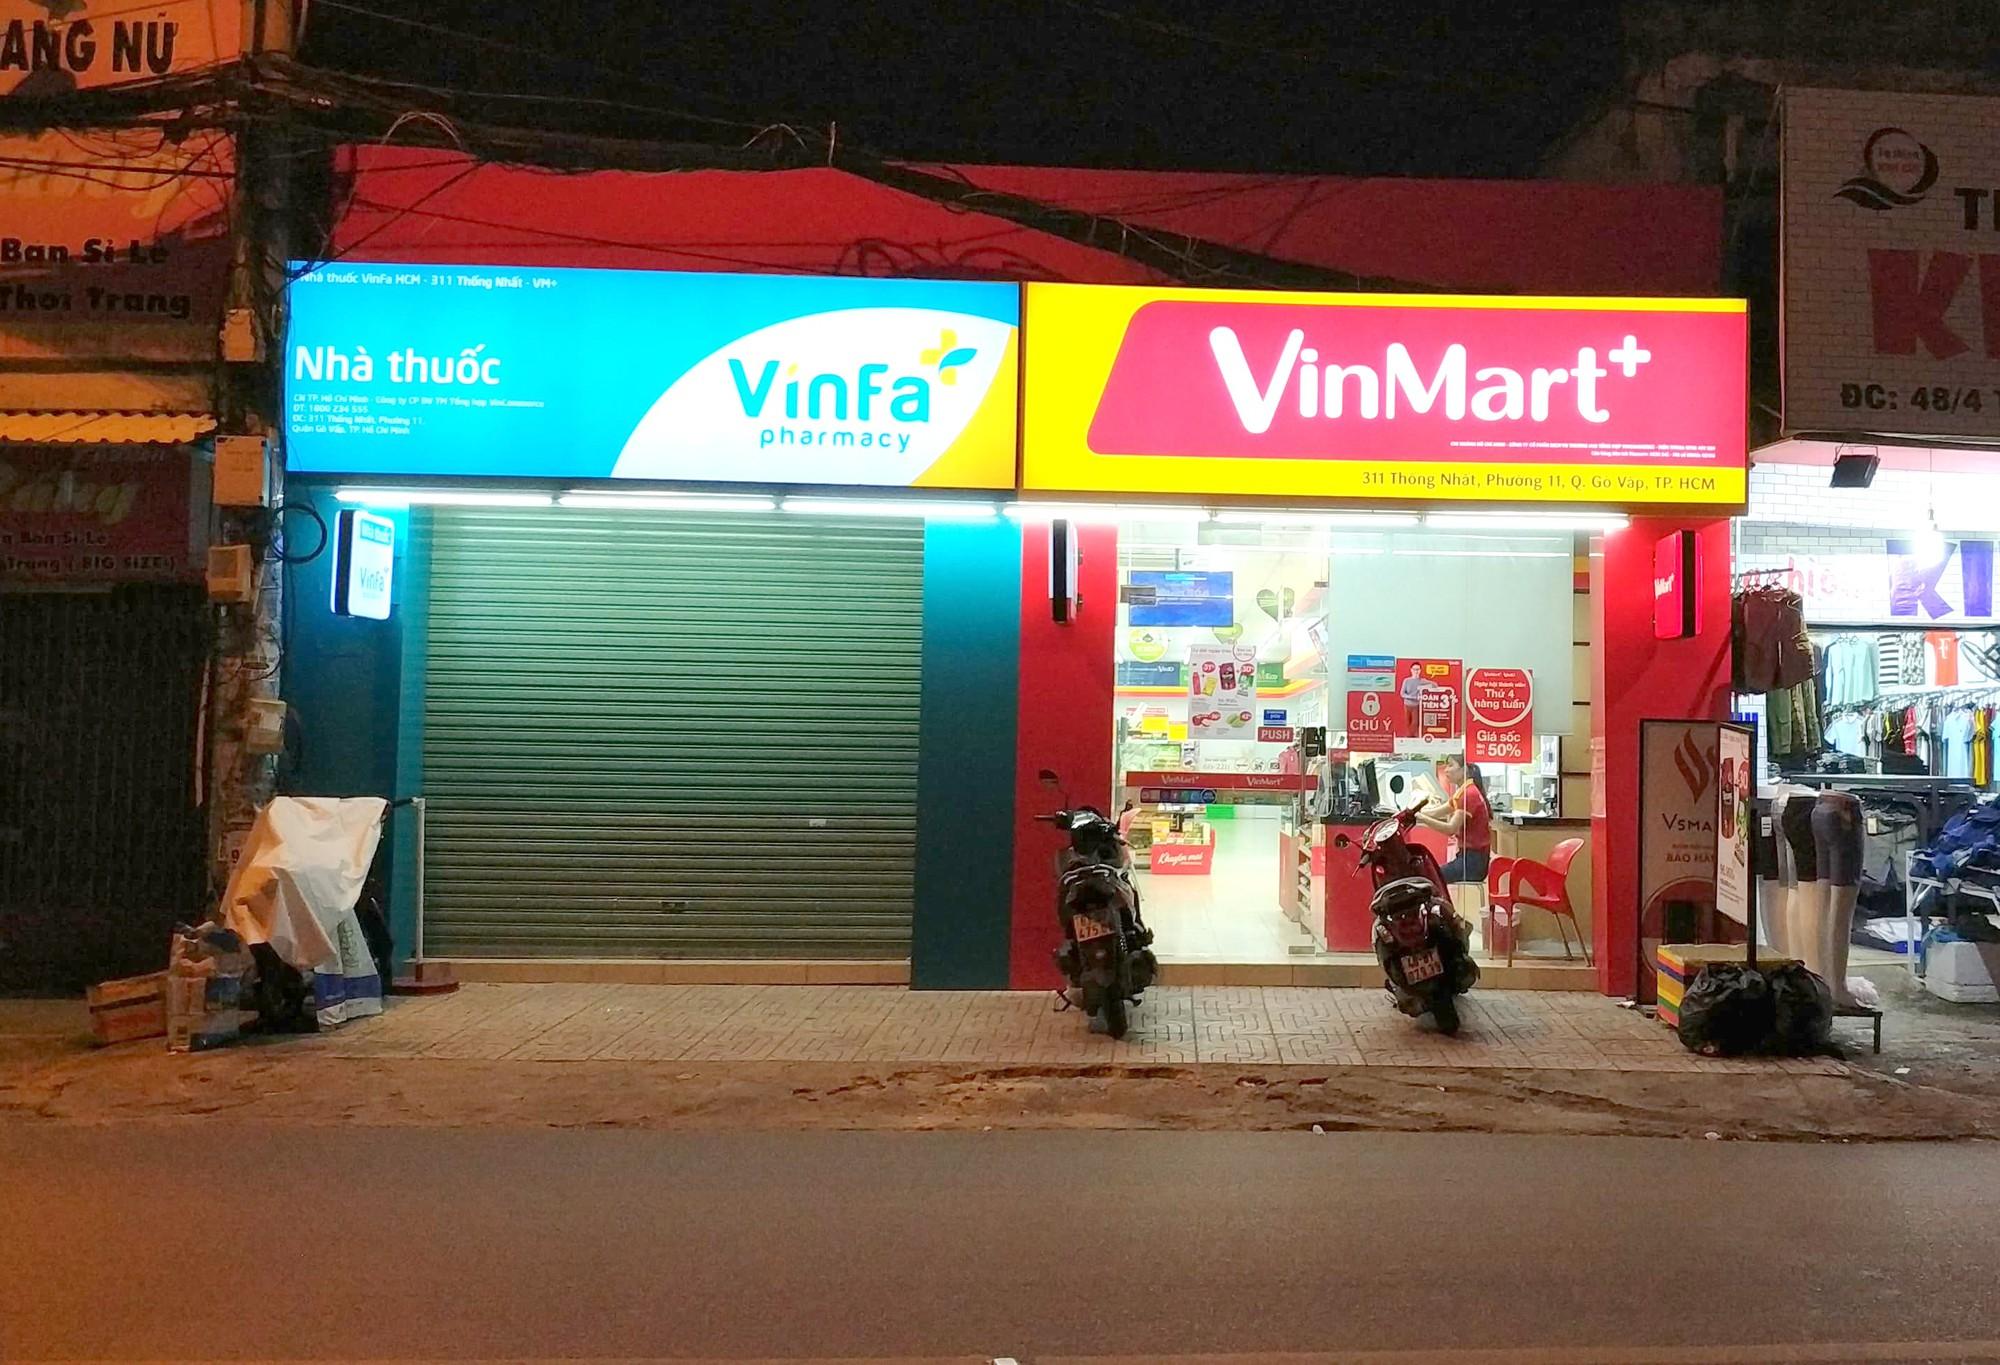 Nhà thuốc VinFa ở Sài Gòn sắp khai trương? - Ảnh 1.